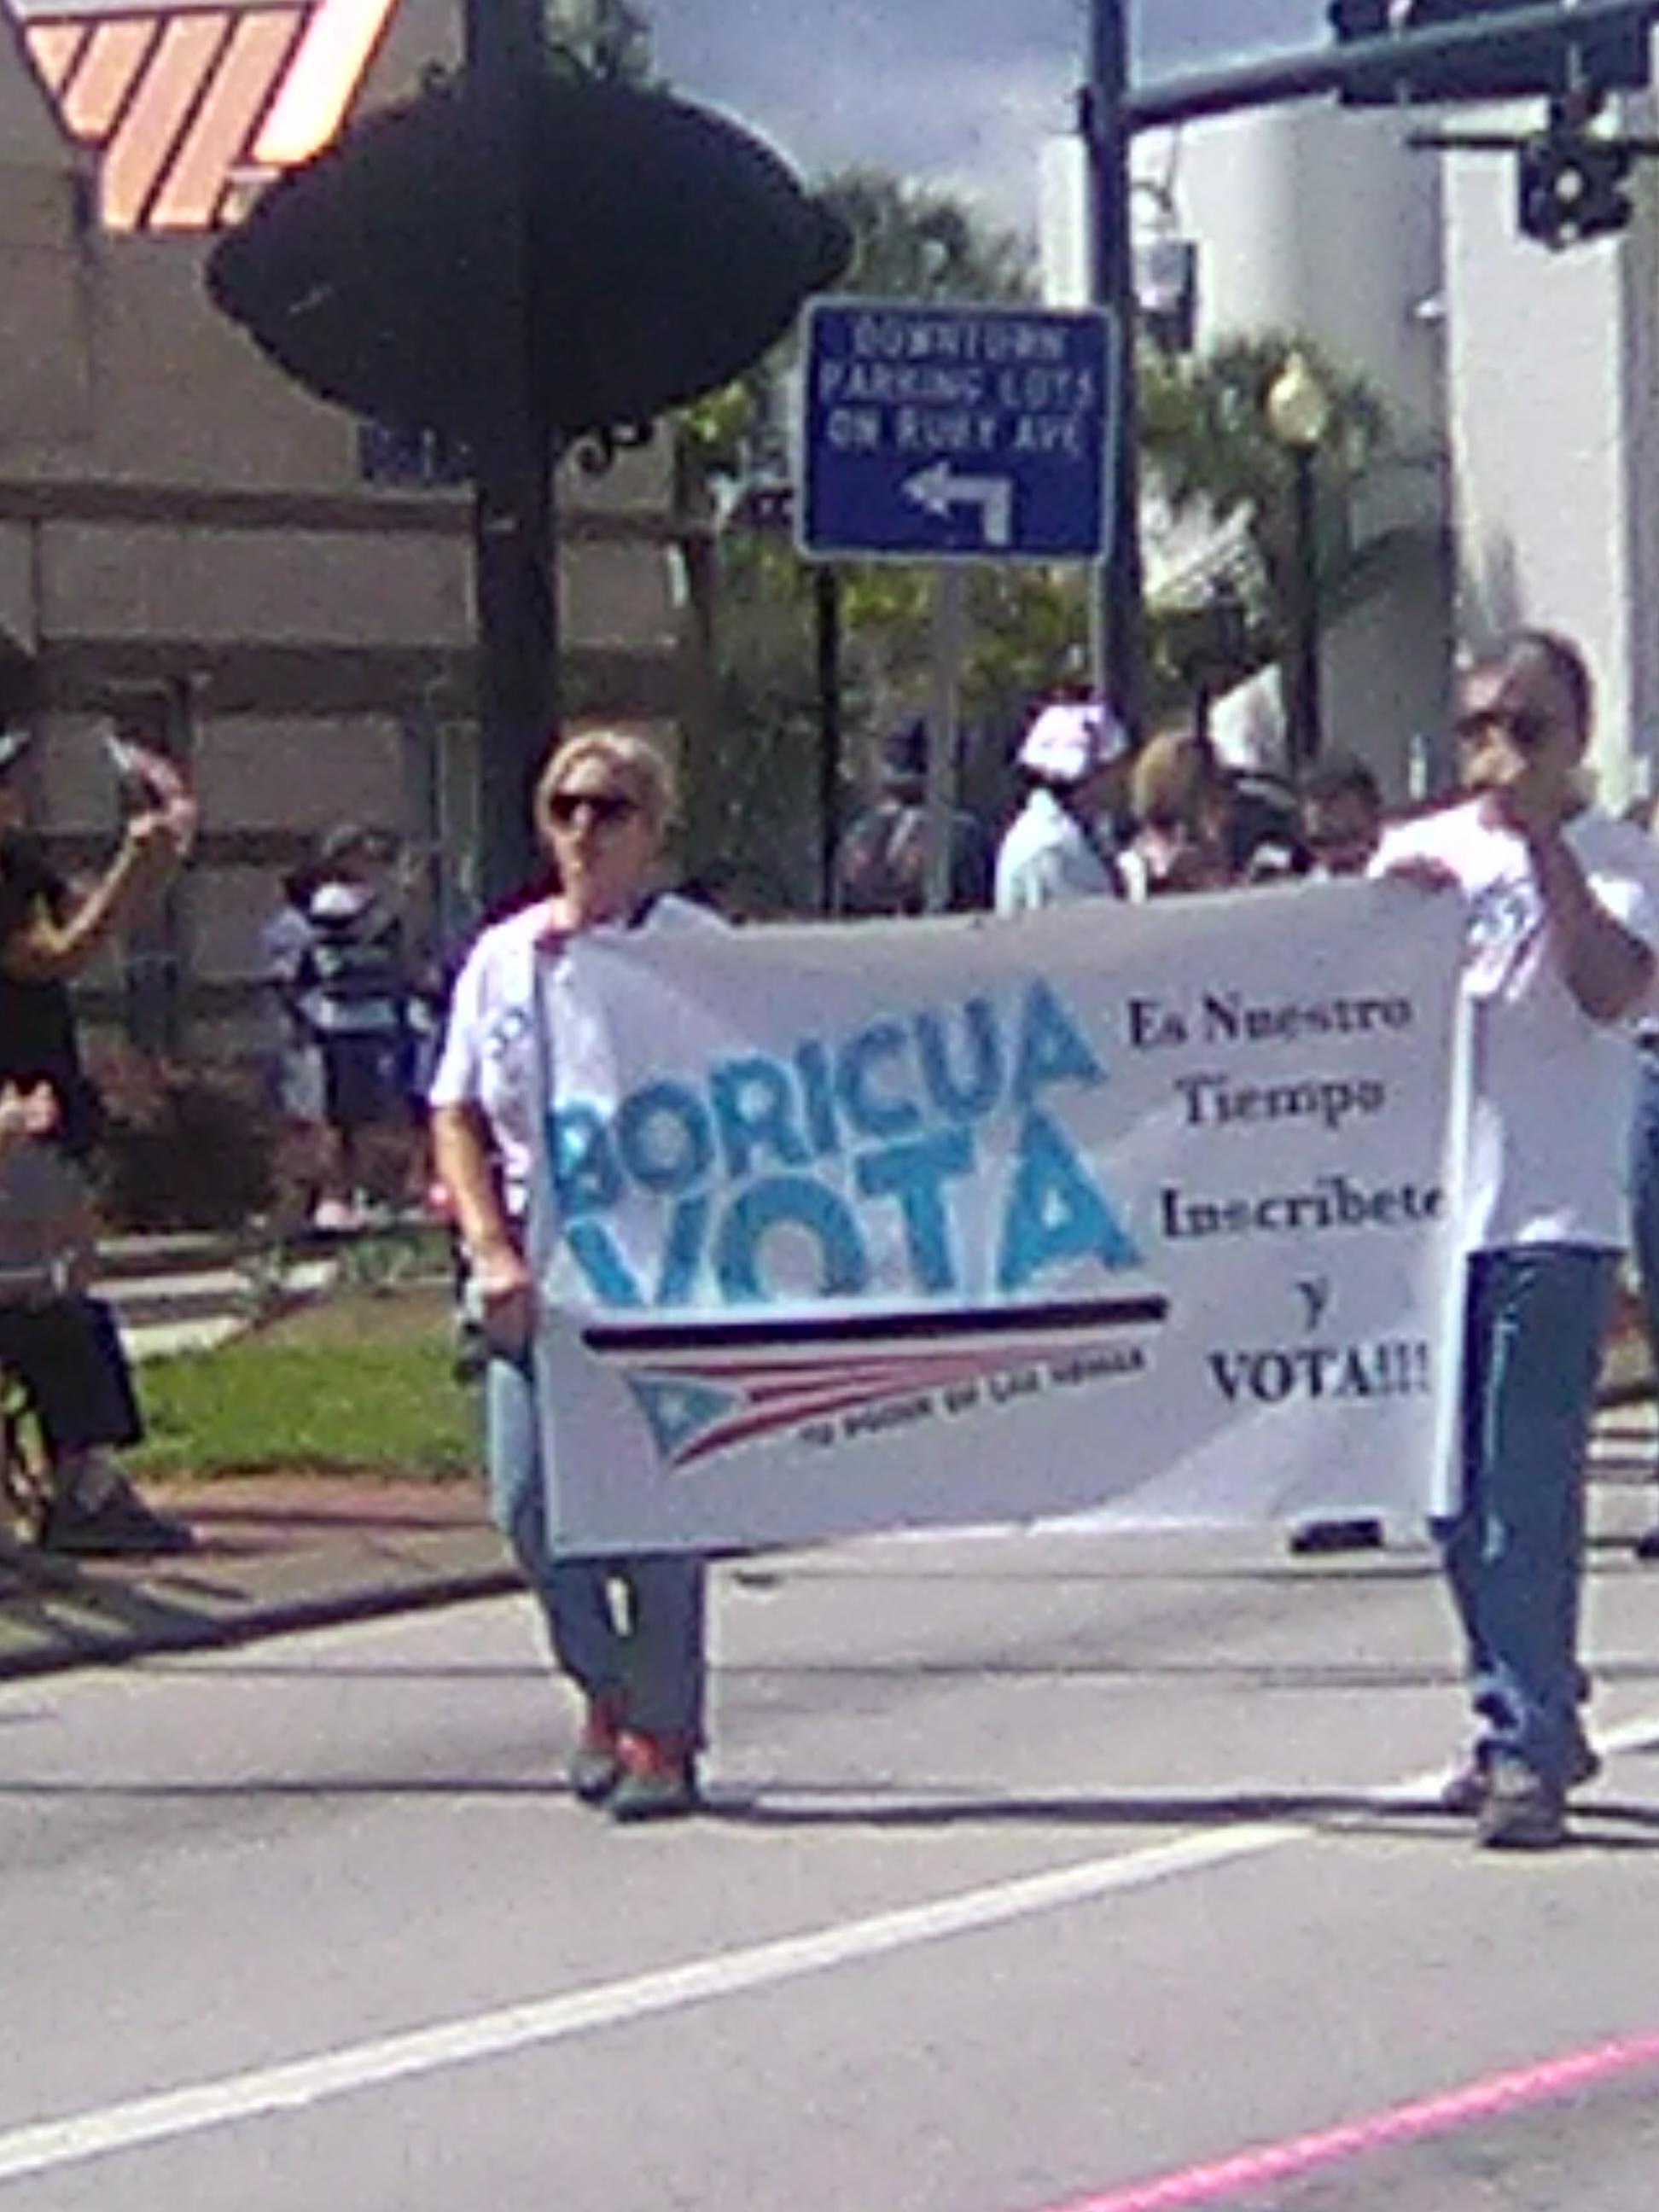 Durante el Desfile Puertorriqueño en Kissimmee, Florida, el pasado 8 de septiembre, se hizo presente el llamado al voto de esta comunidad.